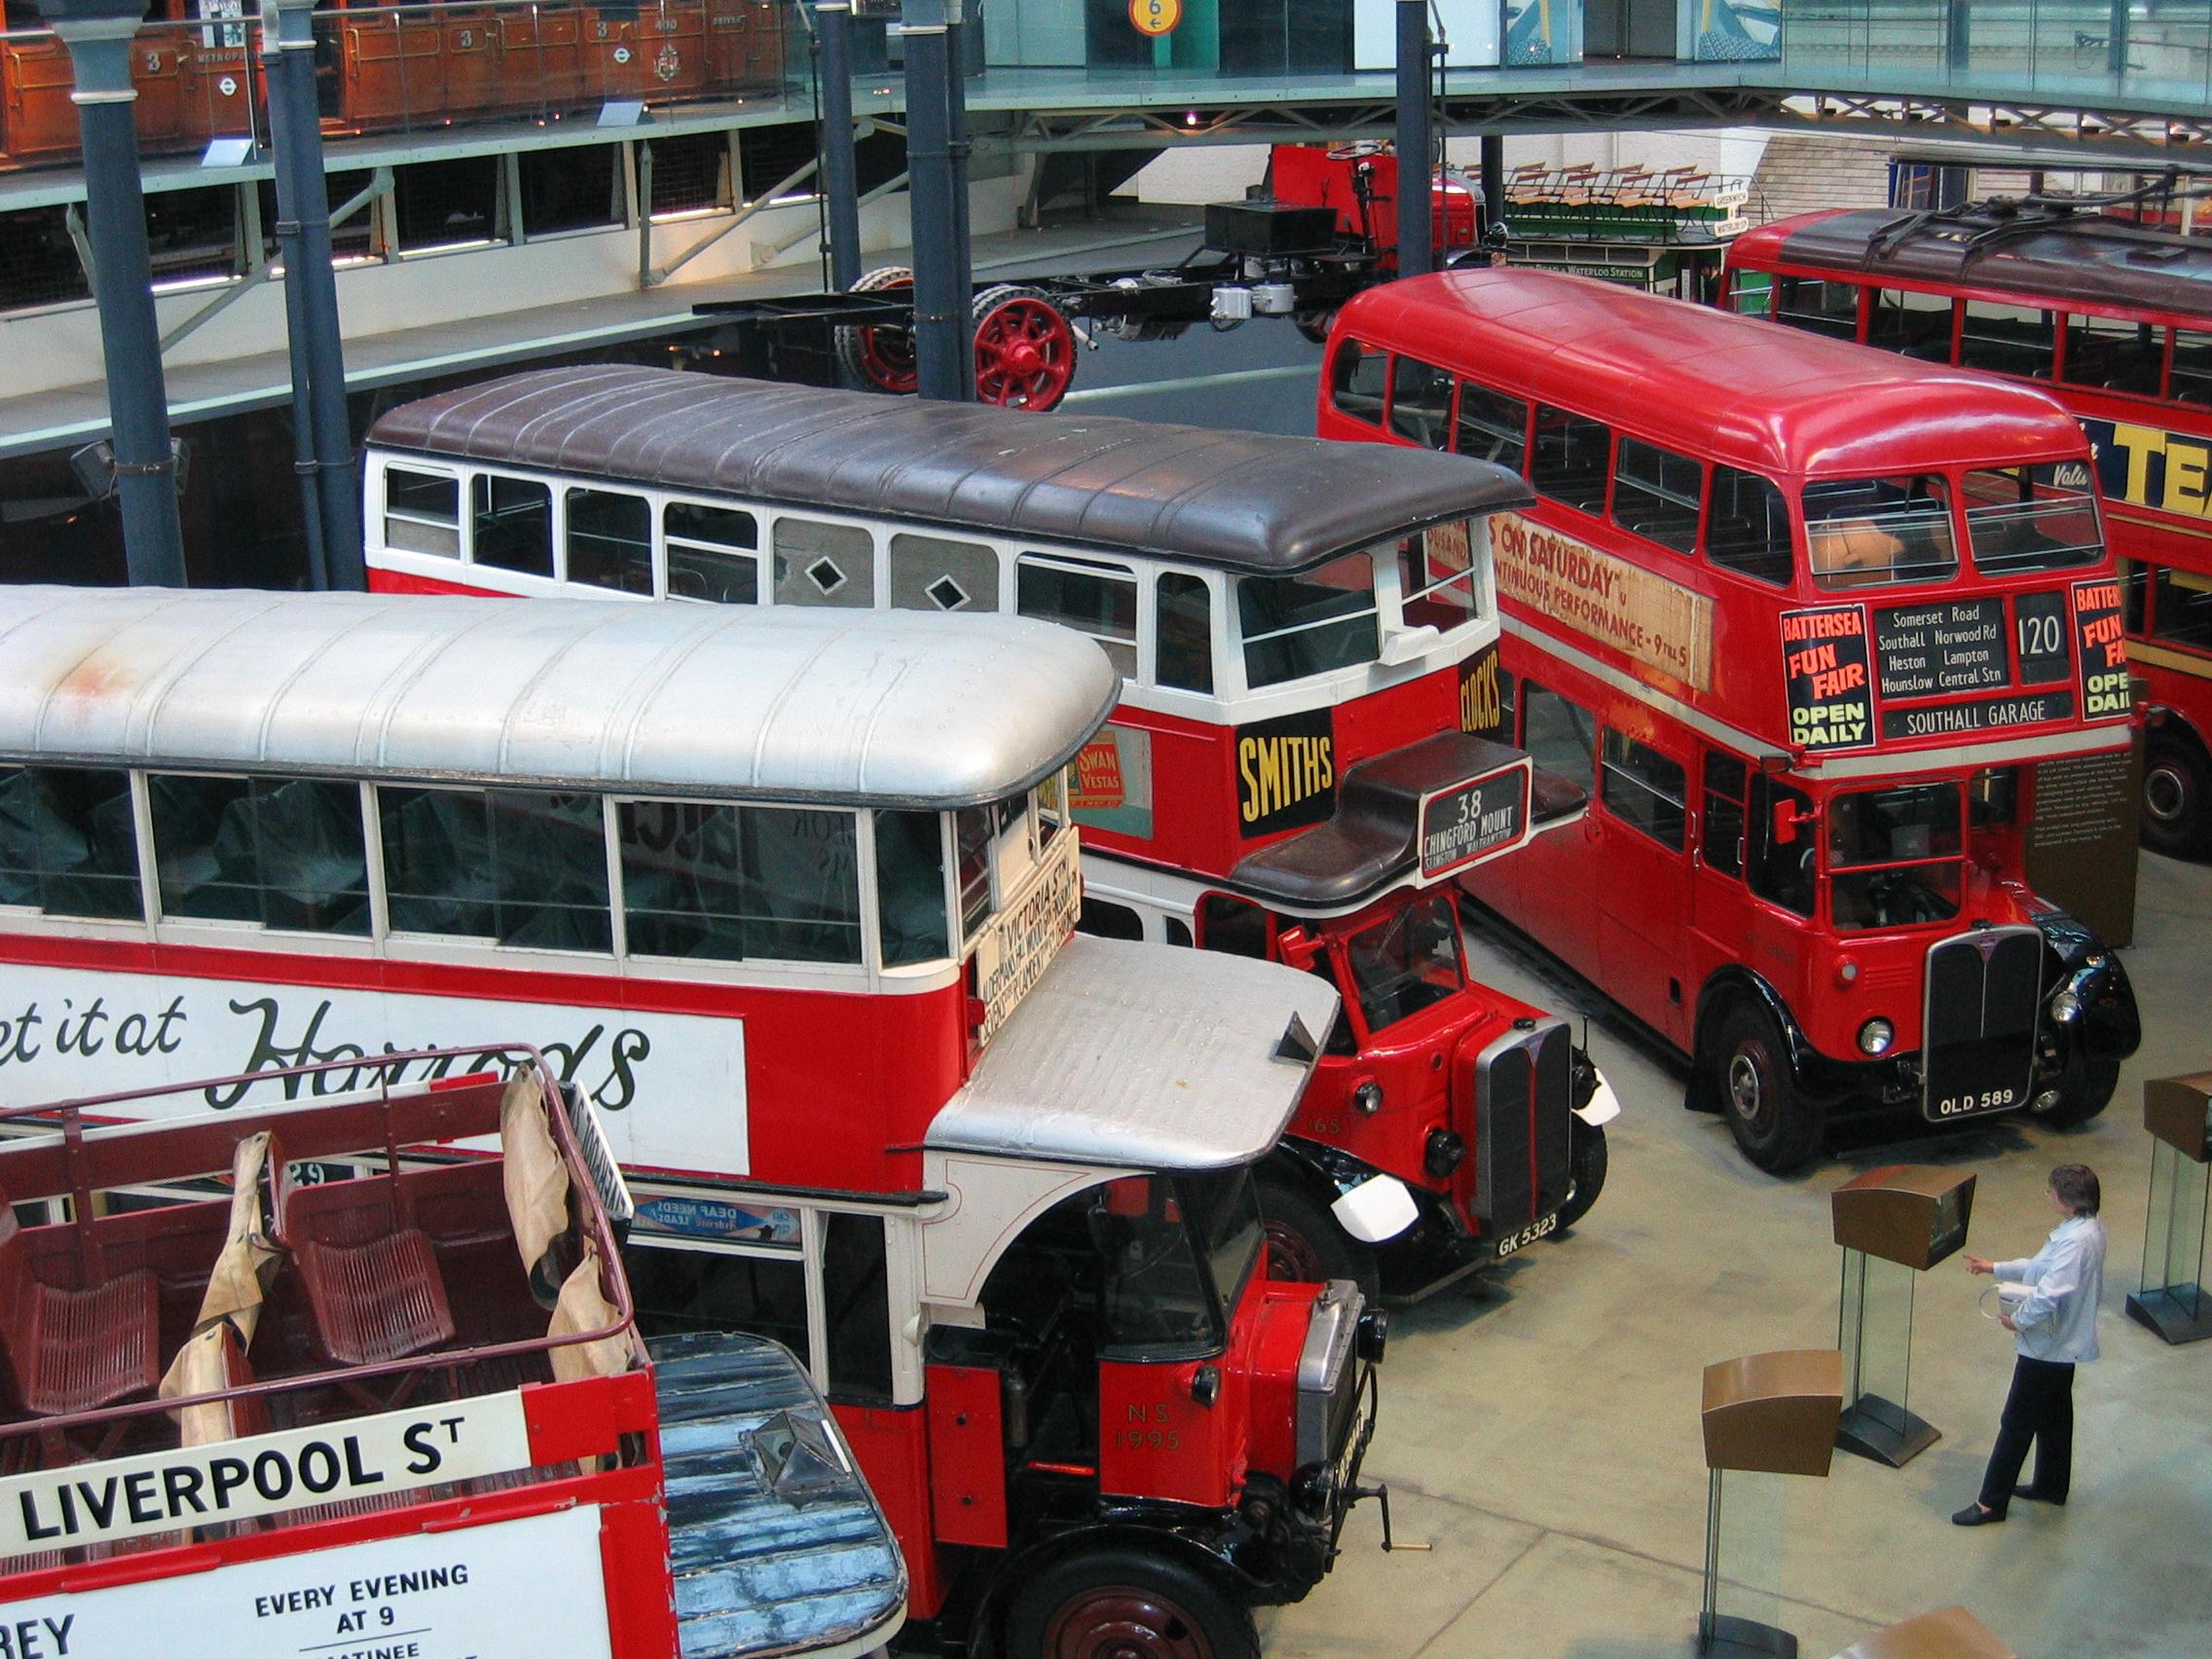 Транспорт великобритании сколько стоит квартира дубай марина